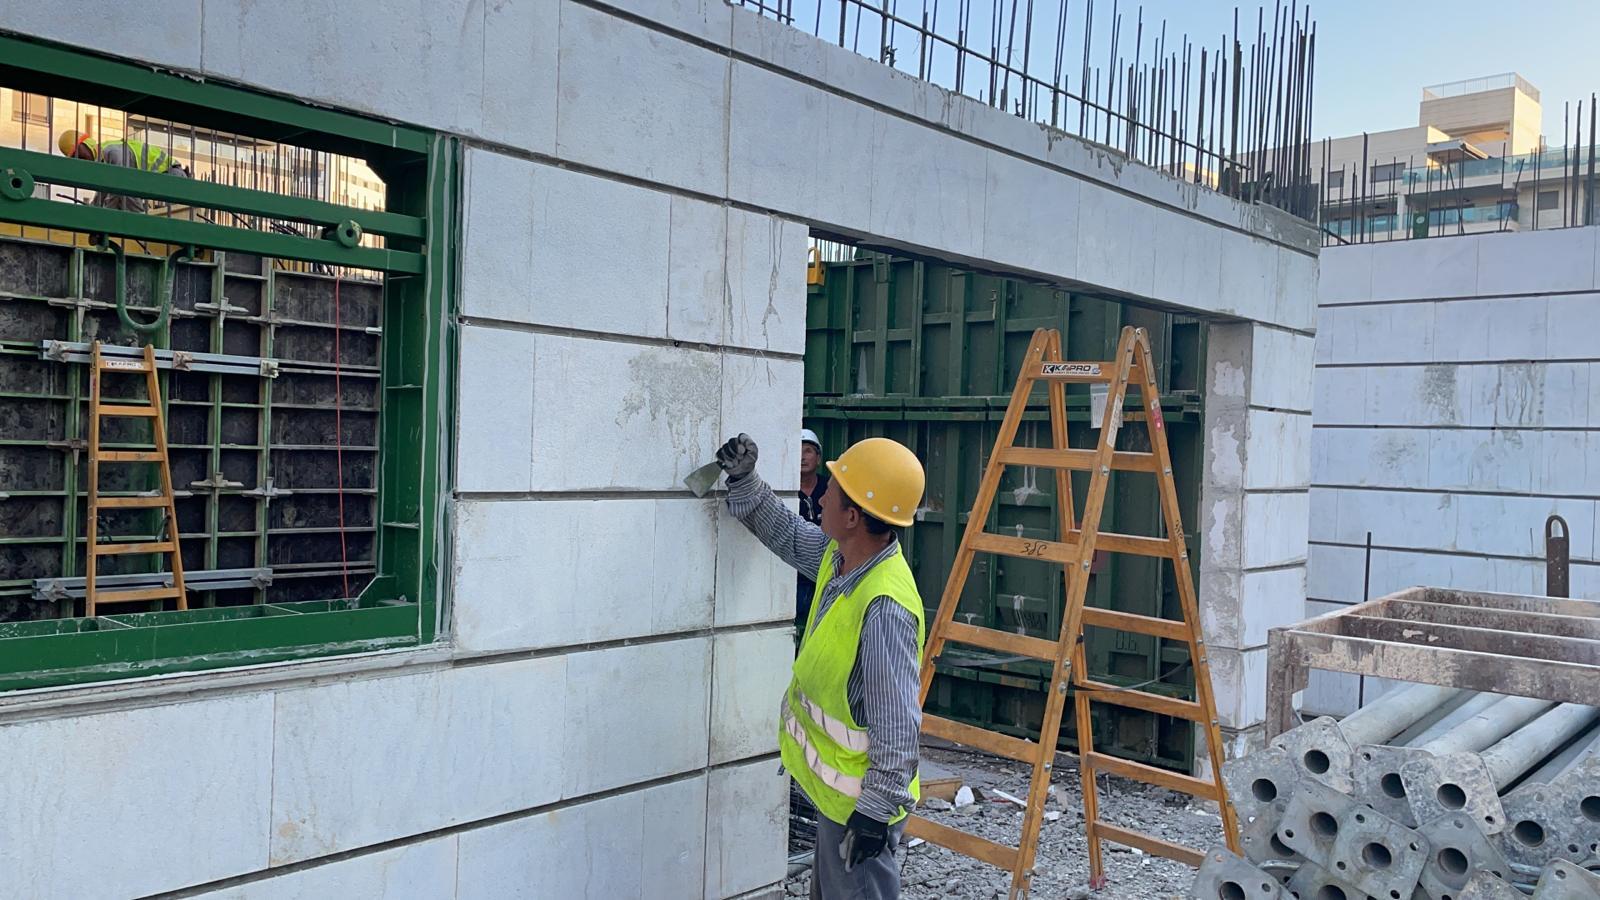 עבודות תקרה קומה ראשונה 12.08.2021